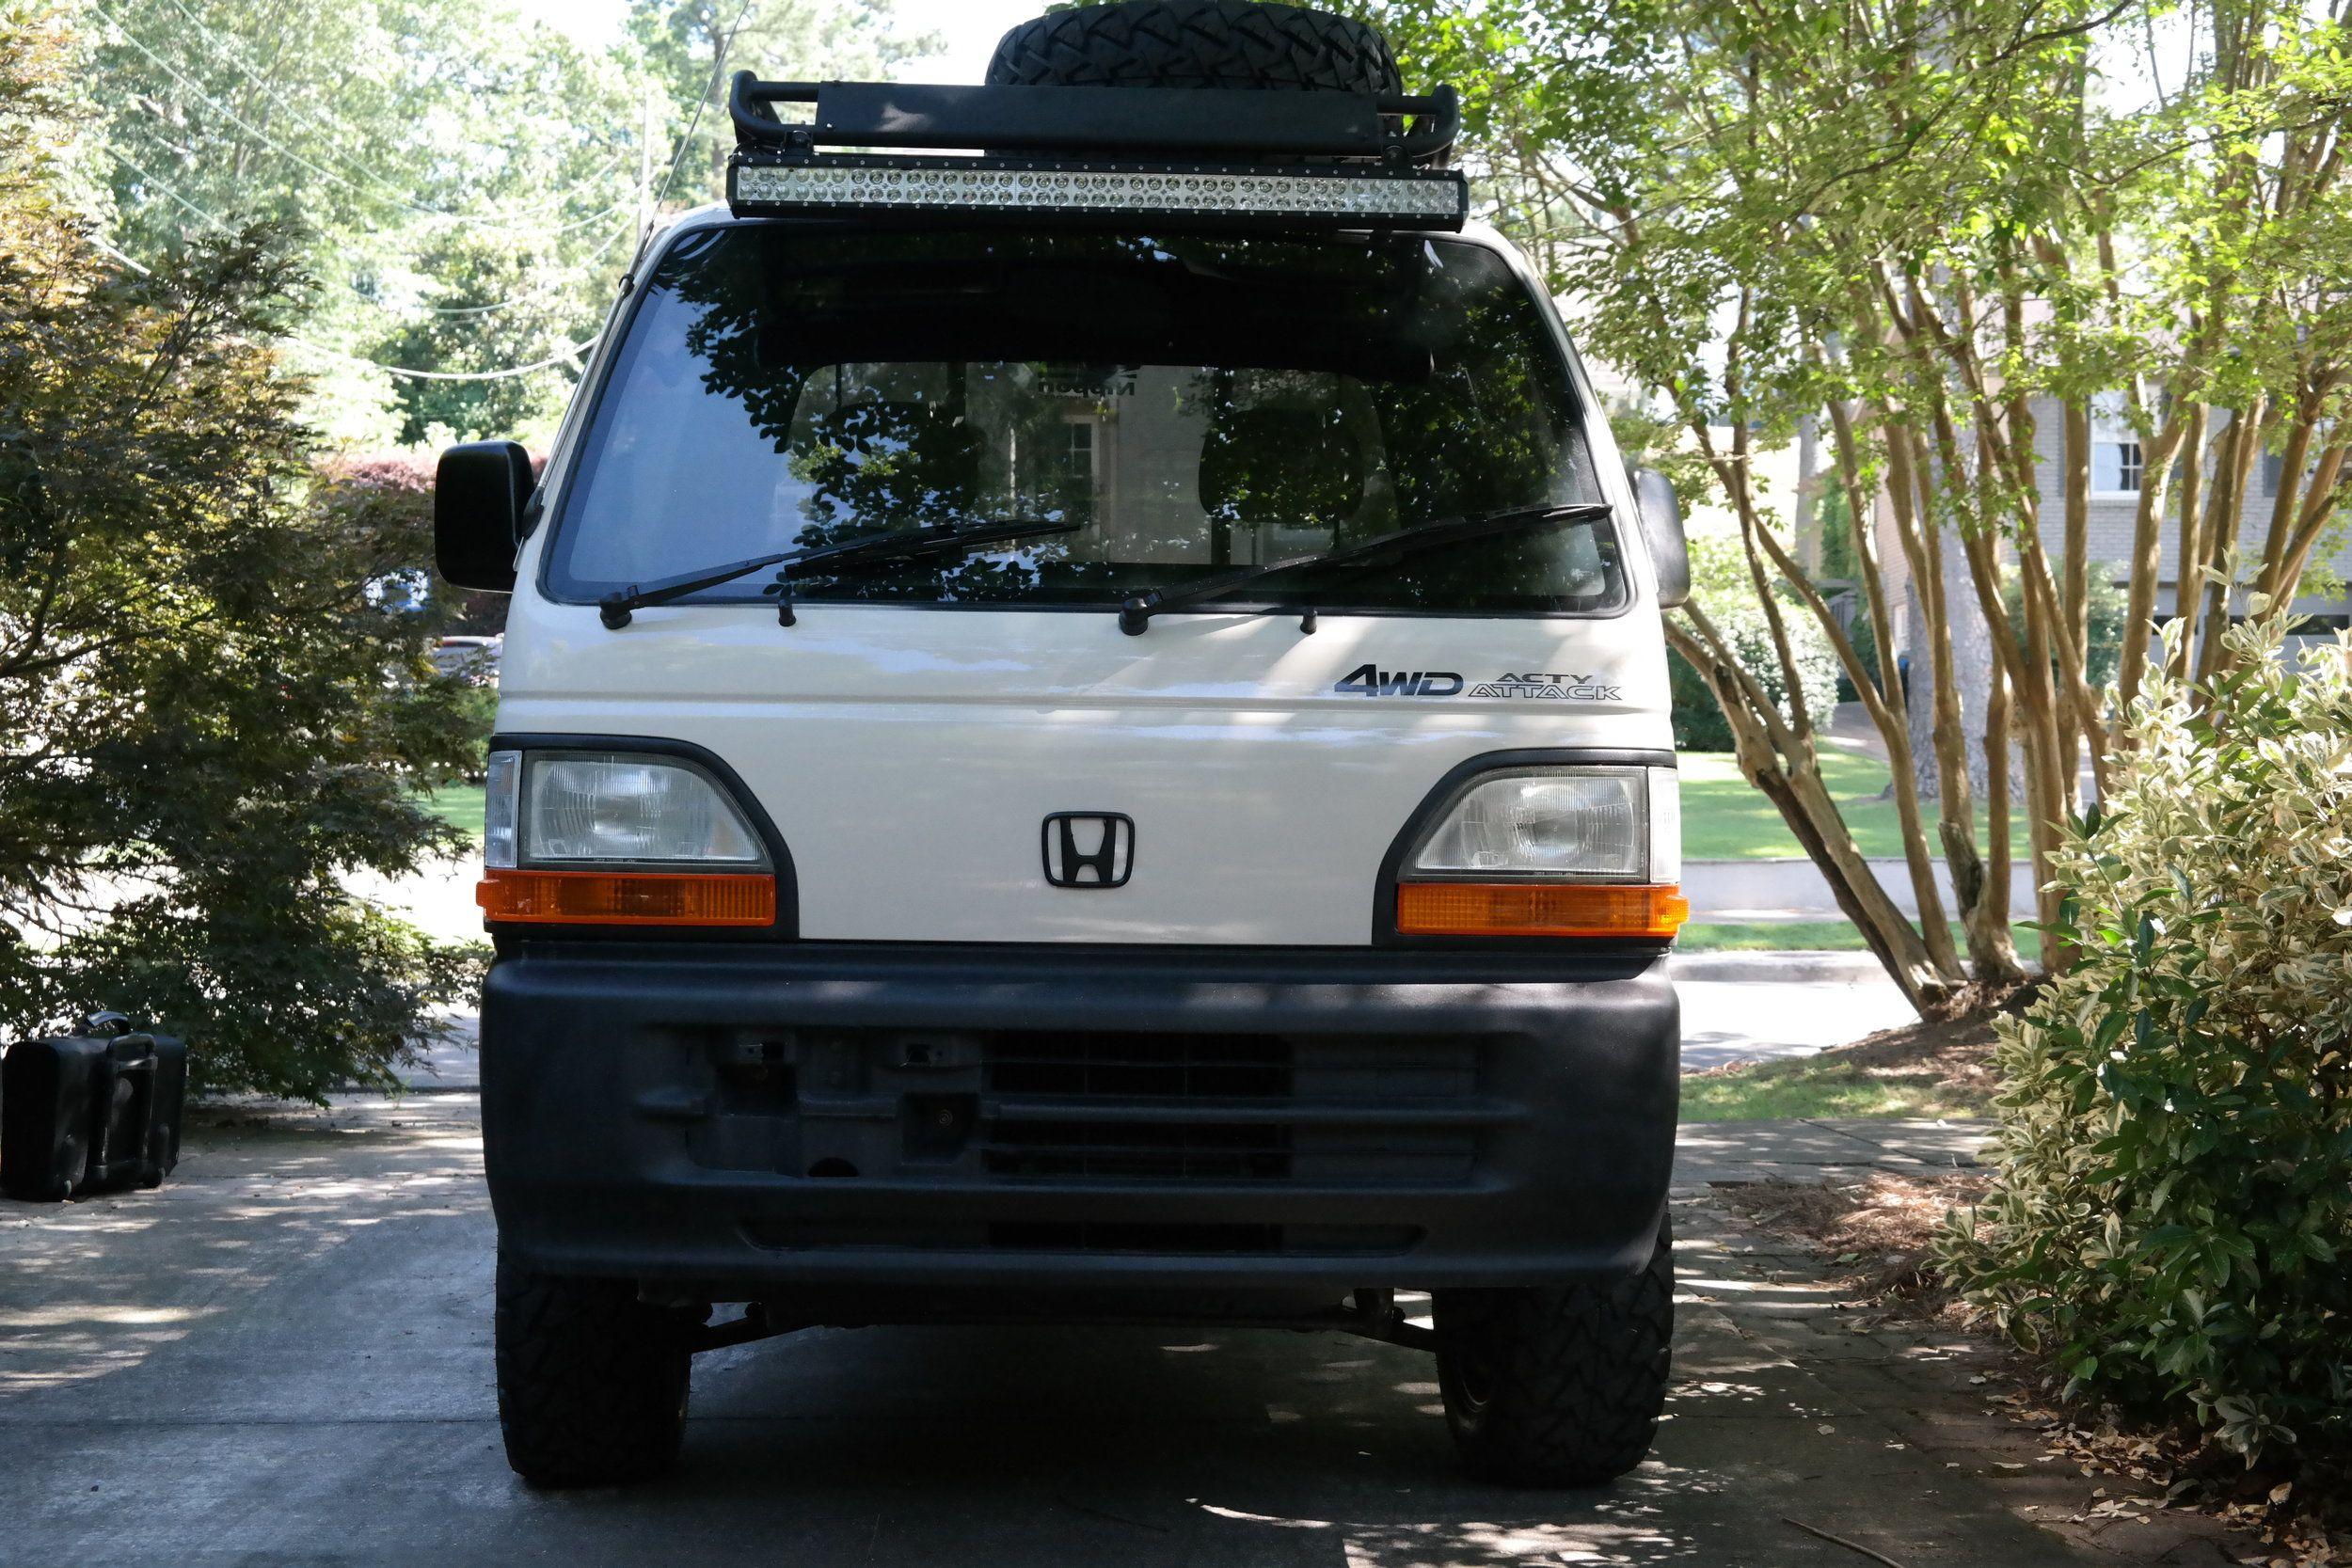 1994 Honda Acty Truck In 2020 Trucks Mini Trucks Custom Jeep